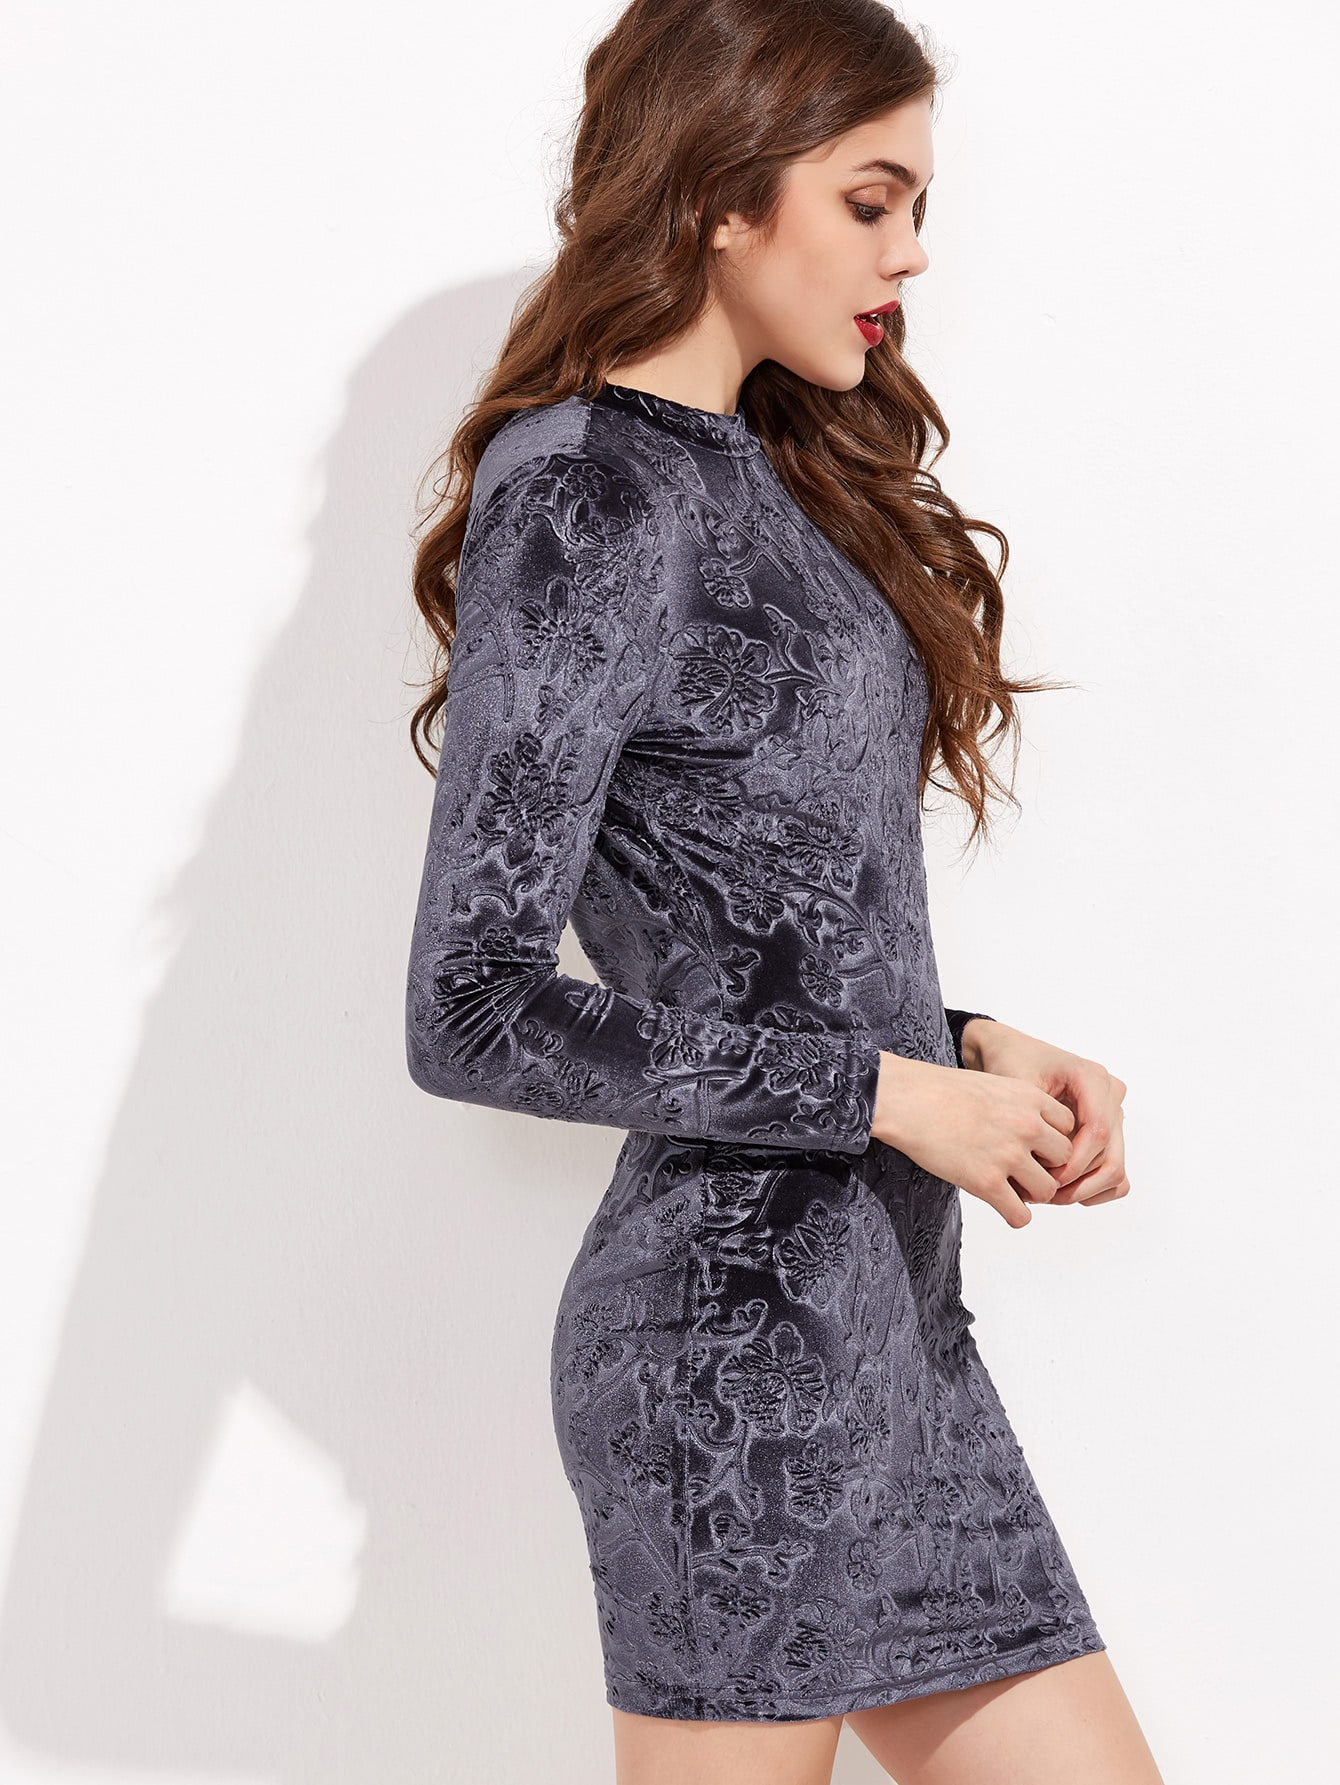 dress161129711_2